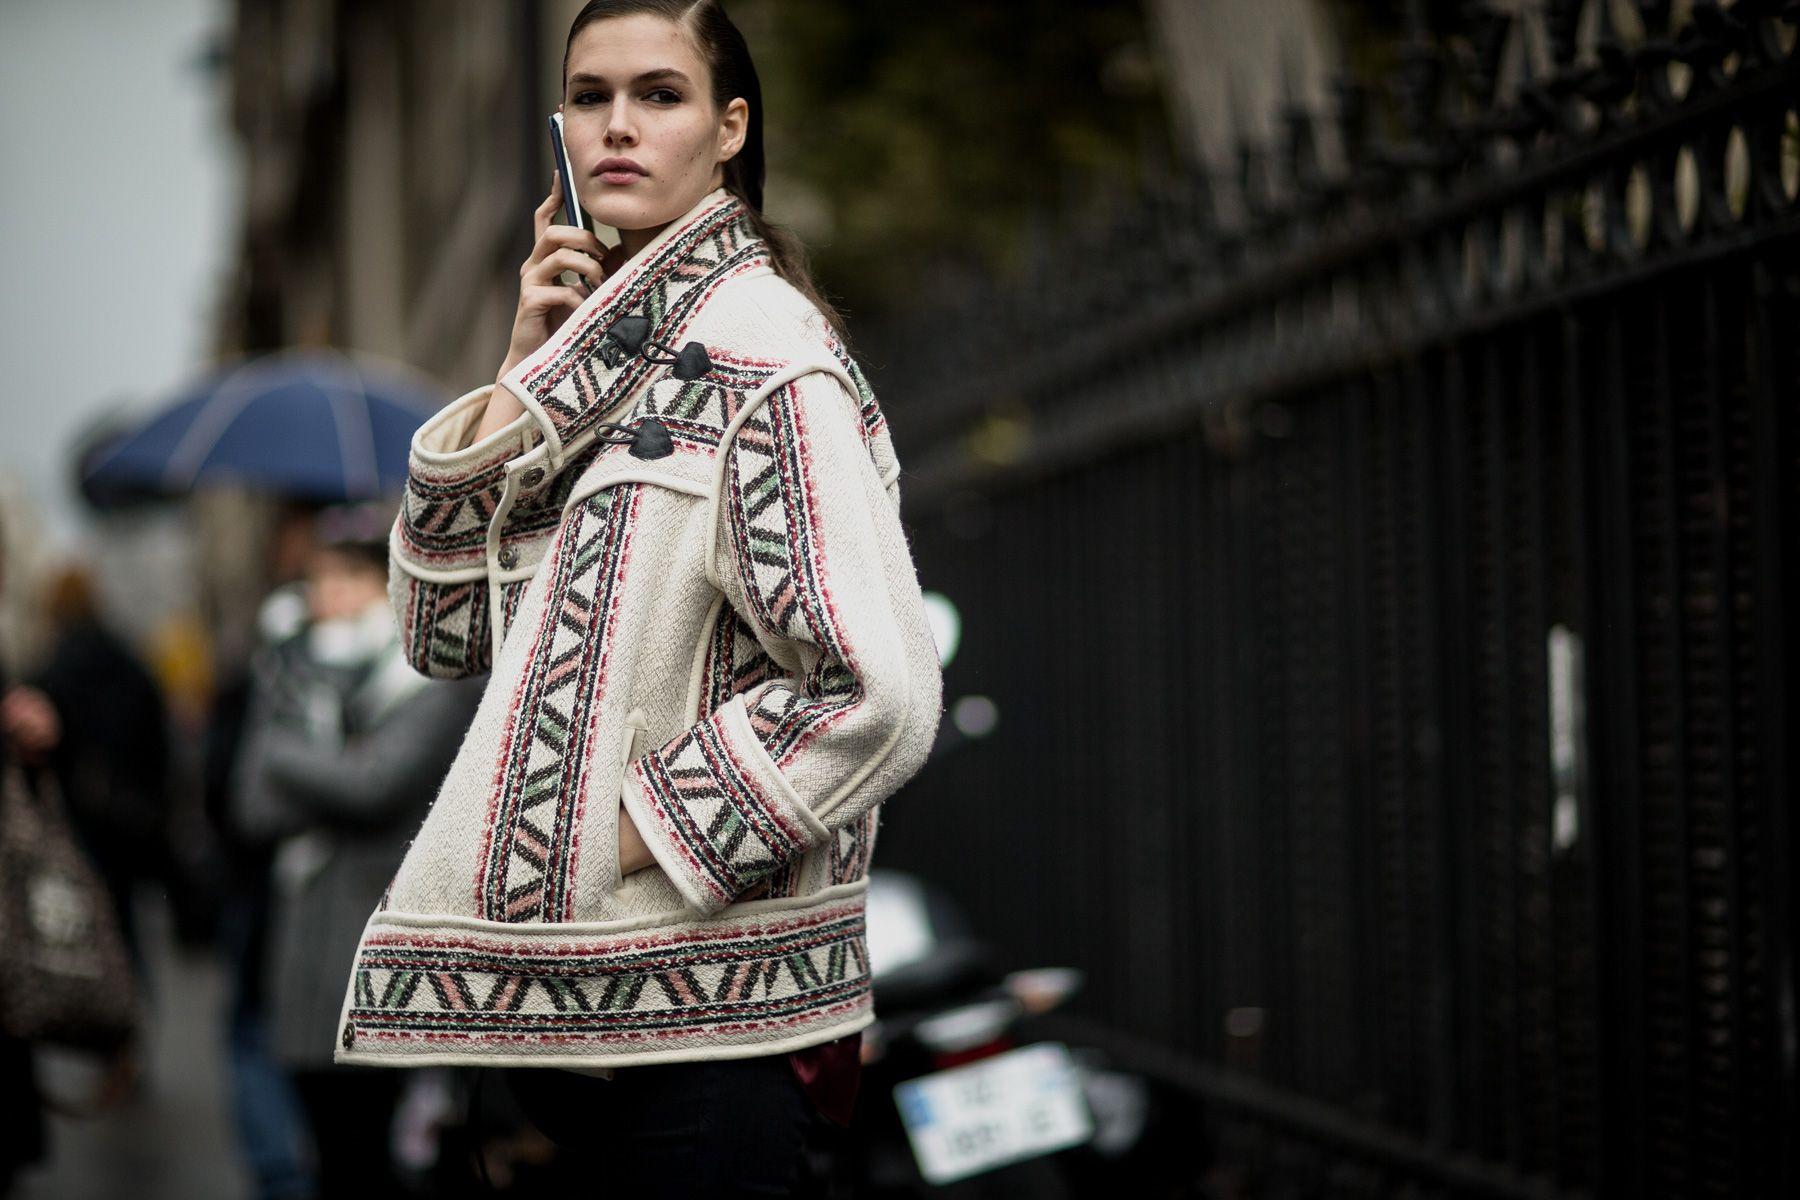 Costumes streetstylefotograf har været på gaden i Paris og fanget de smukkeste off the runway-look